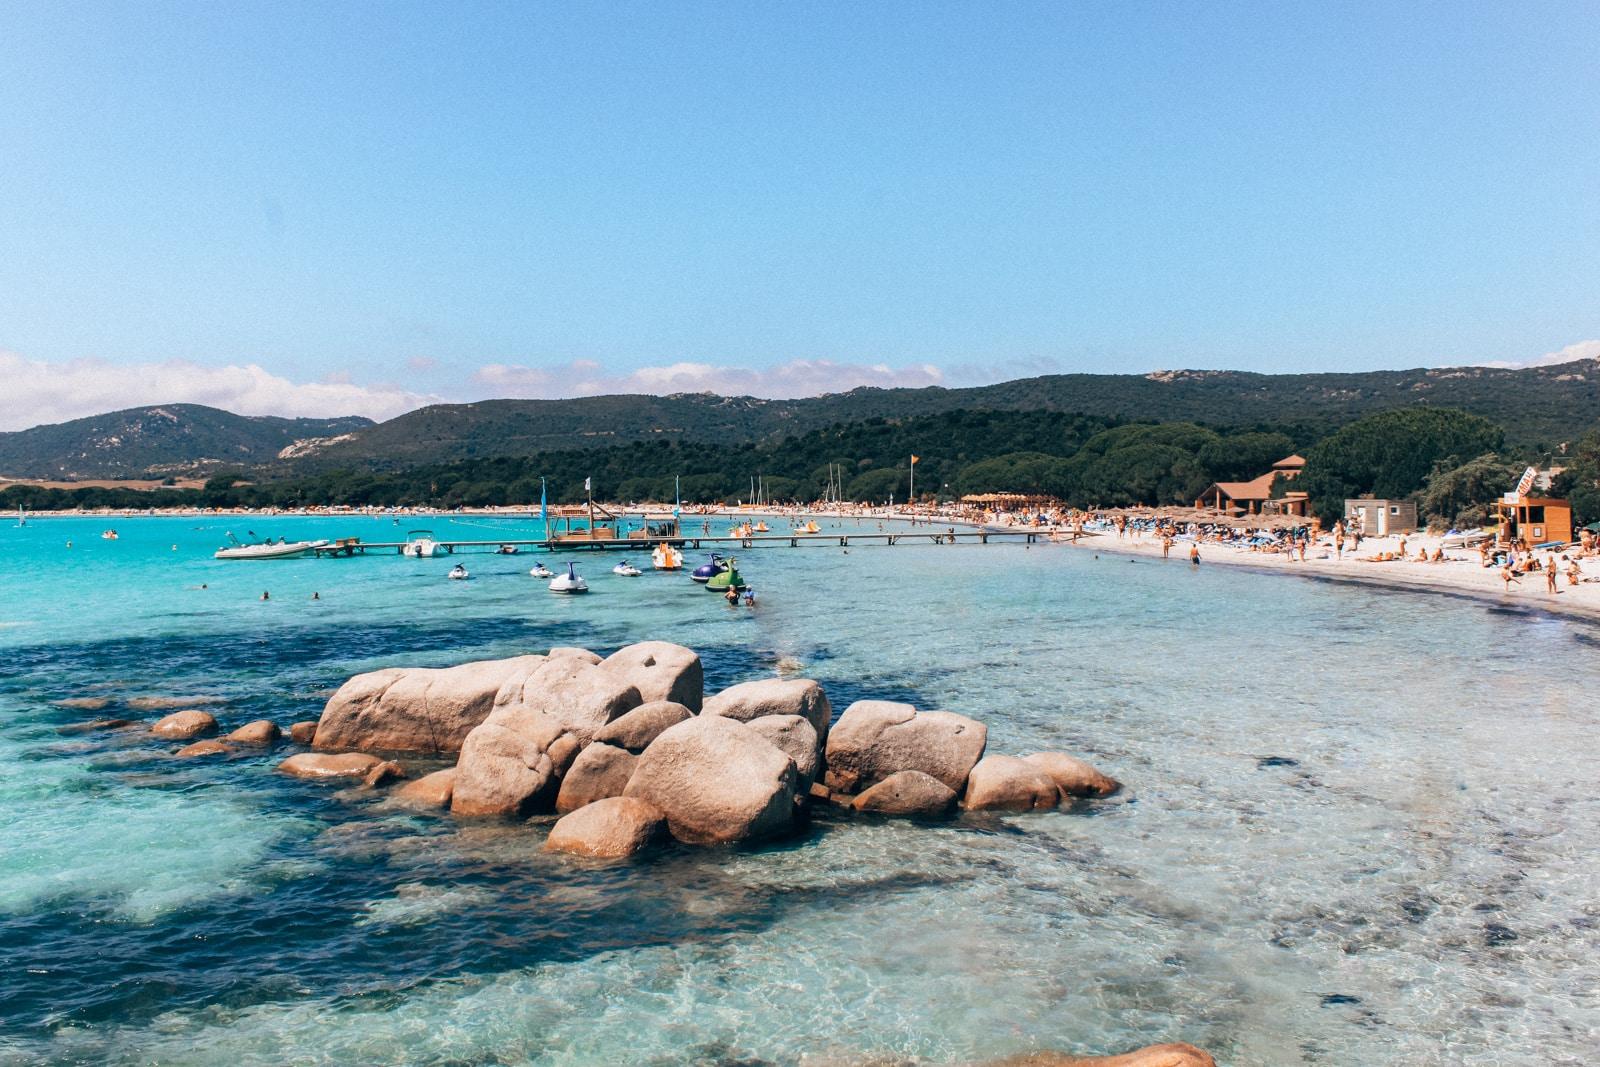 IMG 2101 - Corse du sud : Mes conseils, choses à voir, adresses...